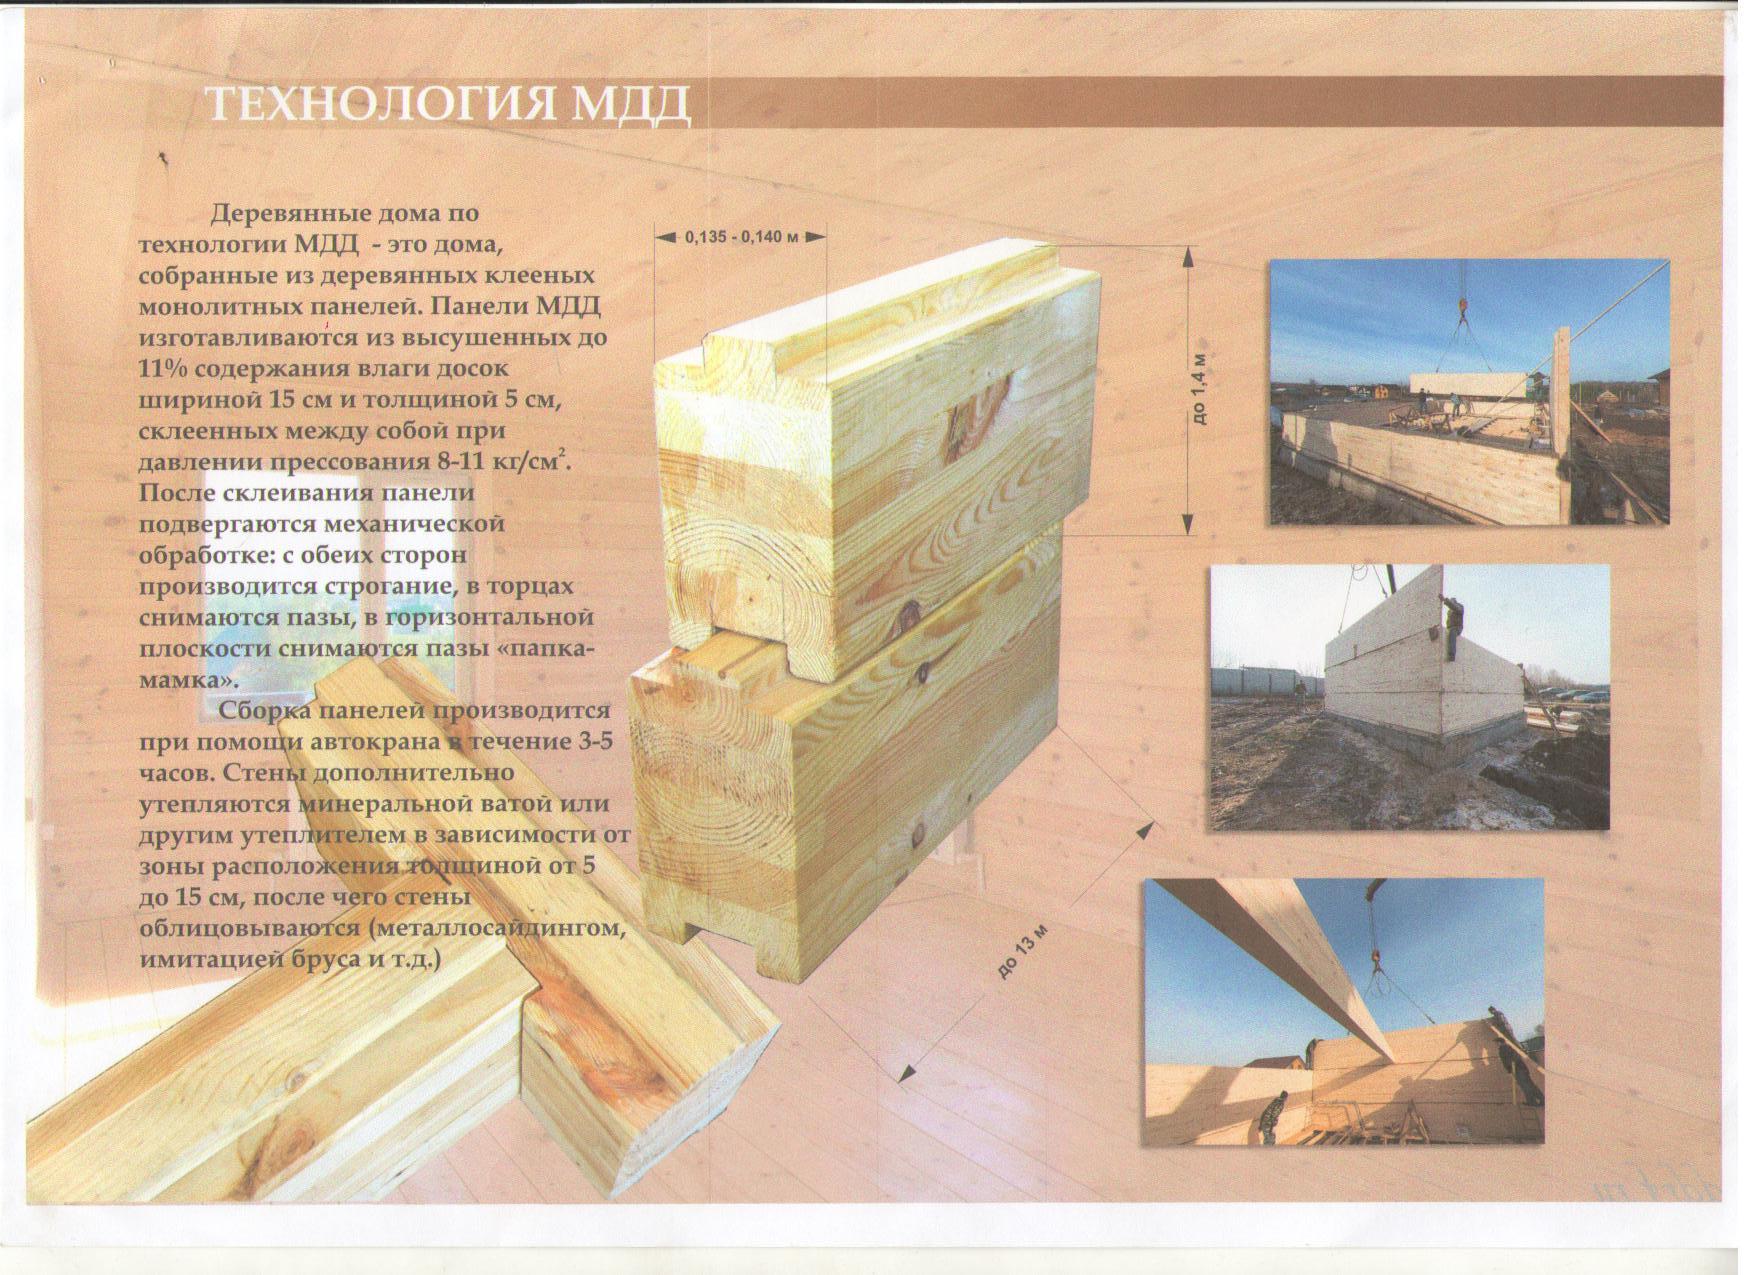 1744 x 1275 322 2 kb строительство домов по